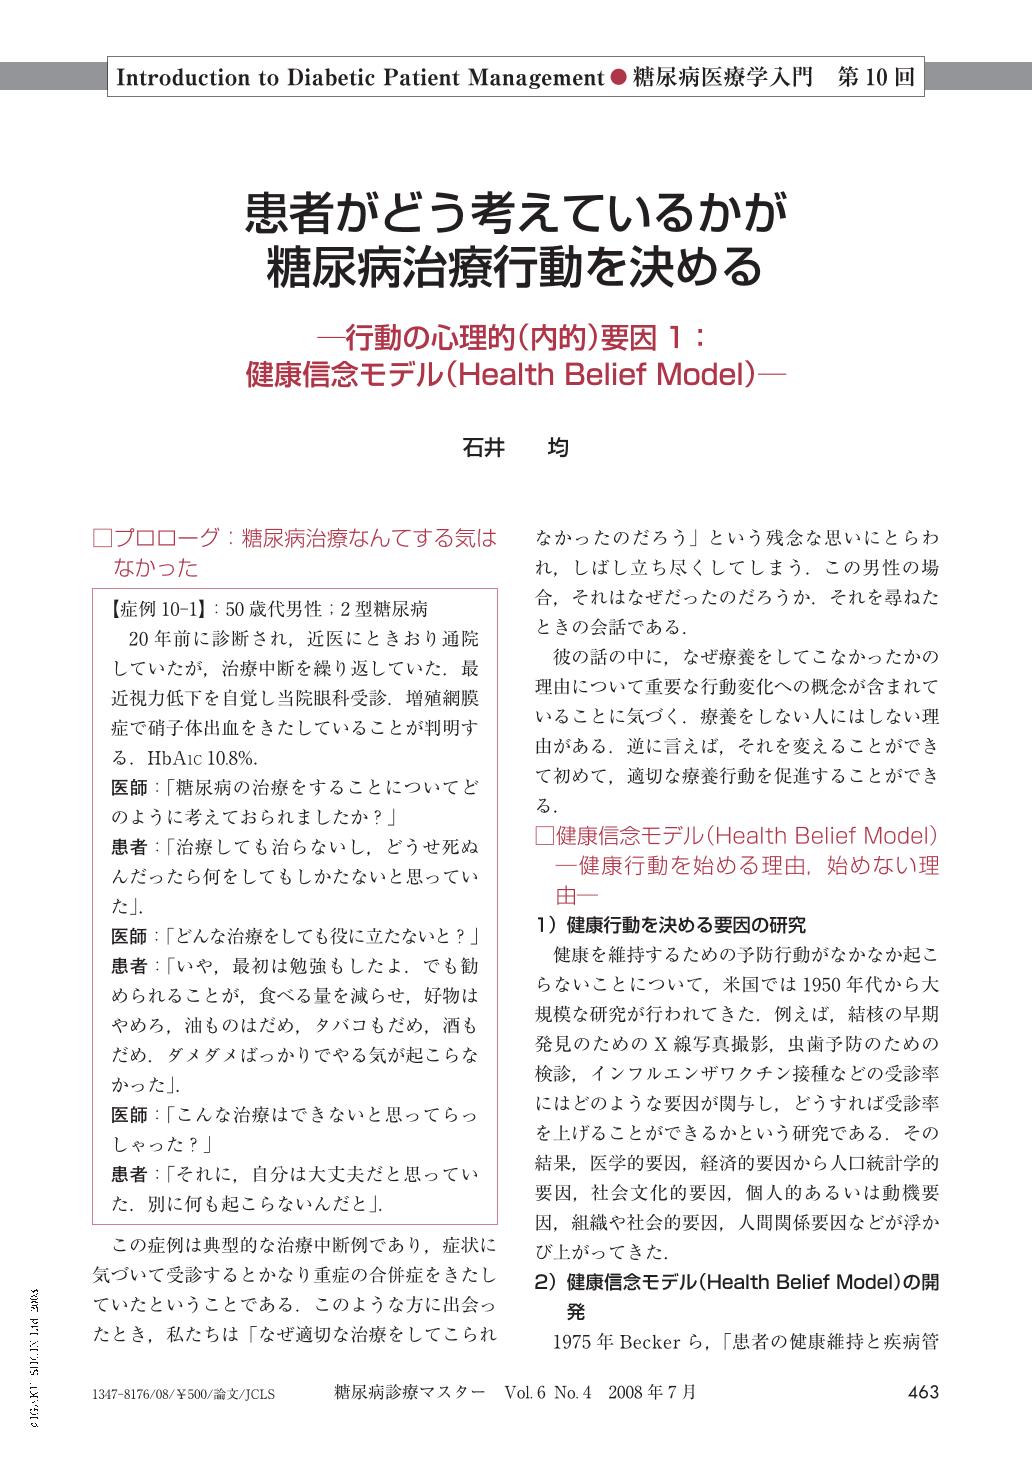 モデル 健康 信念